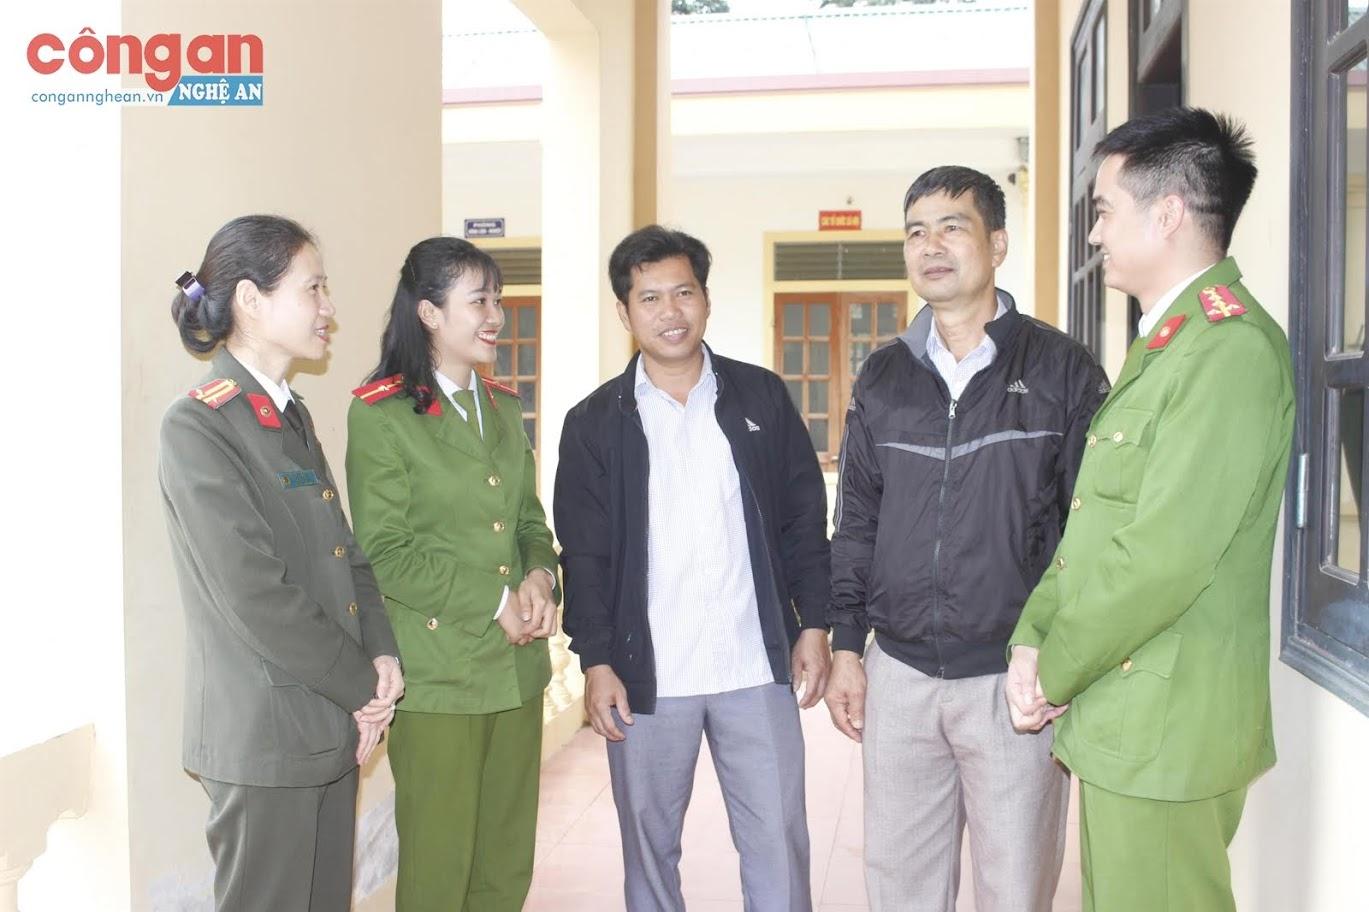 Trung tá Nguyễn Việt Hà, Chủ tịch Hội Phụ nữ Công an Nghệ An trao đổi về hoạt động của nữ cán bộ Công an xã Đồng Văn, huyện Tân Kỳ